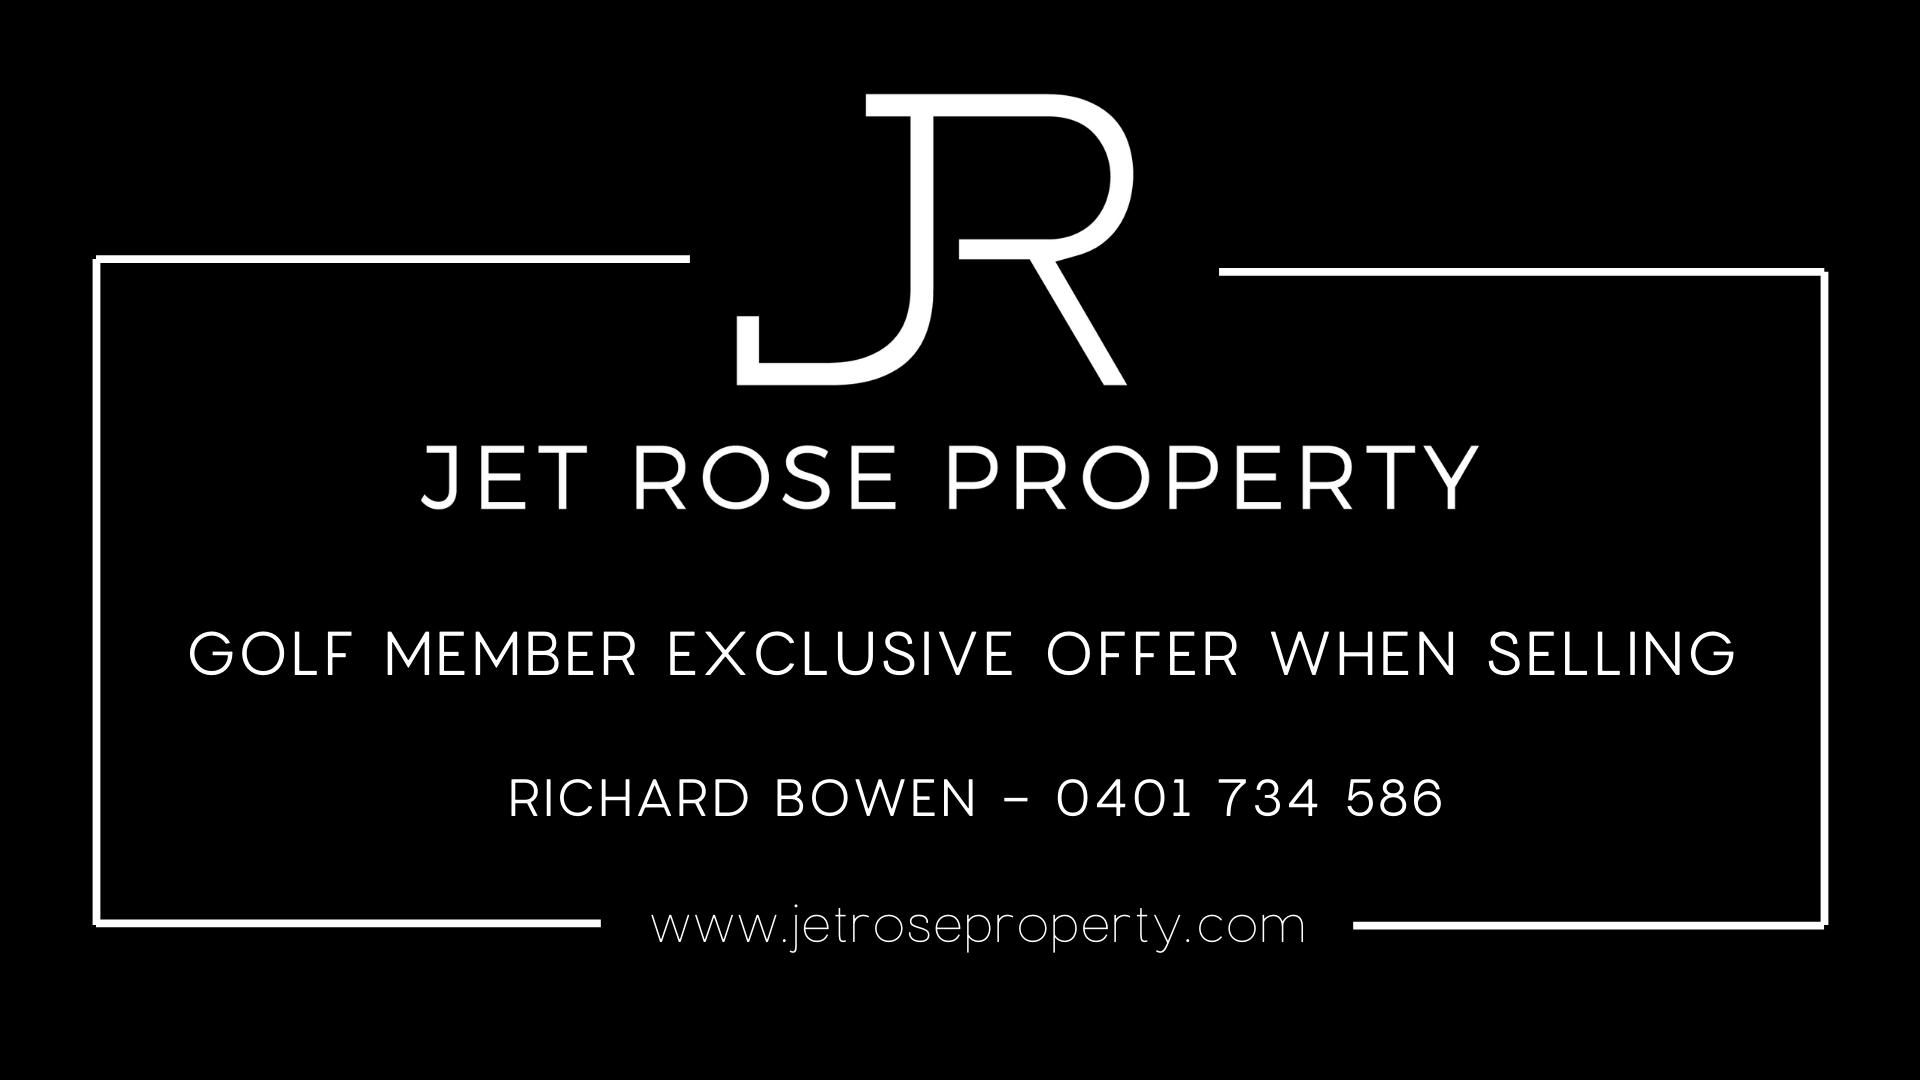 Copy of JetRose Property Front Sponsor Board White Nov 2019